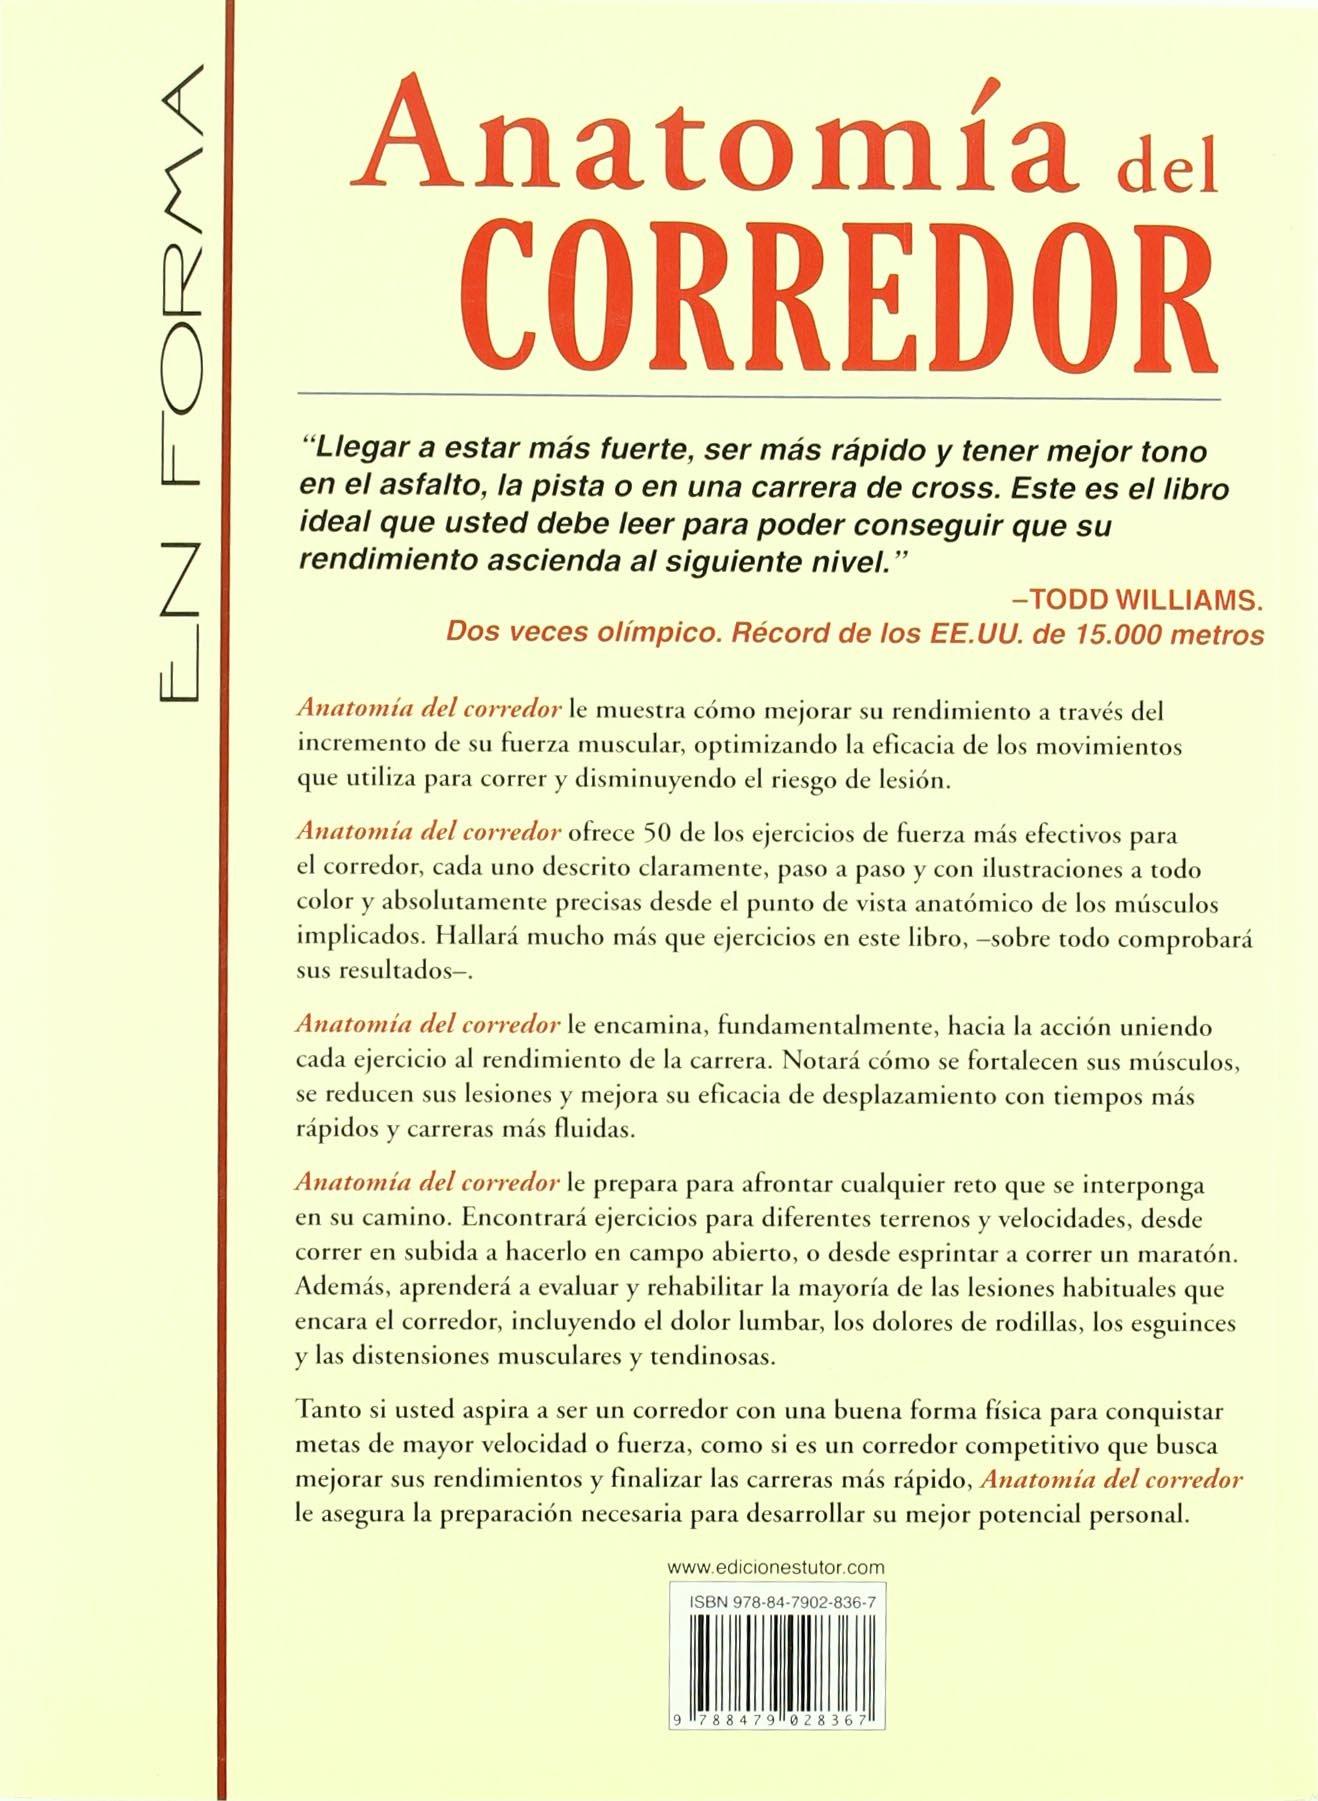 Anatomía Del Corredor: Amazon.es: Joe Puleo, Patrick Milroy: Libros